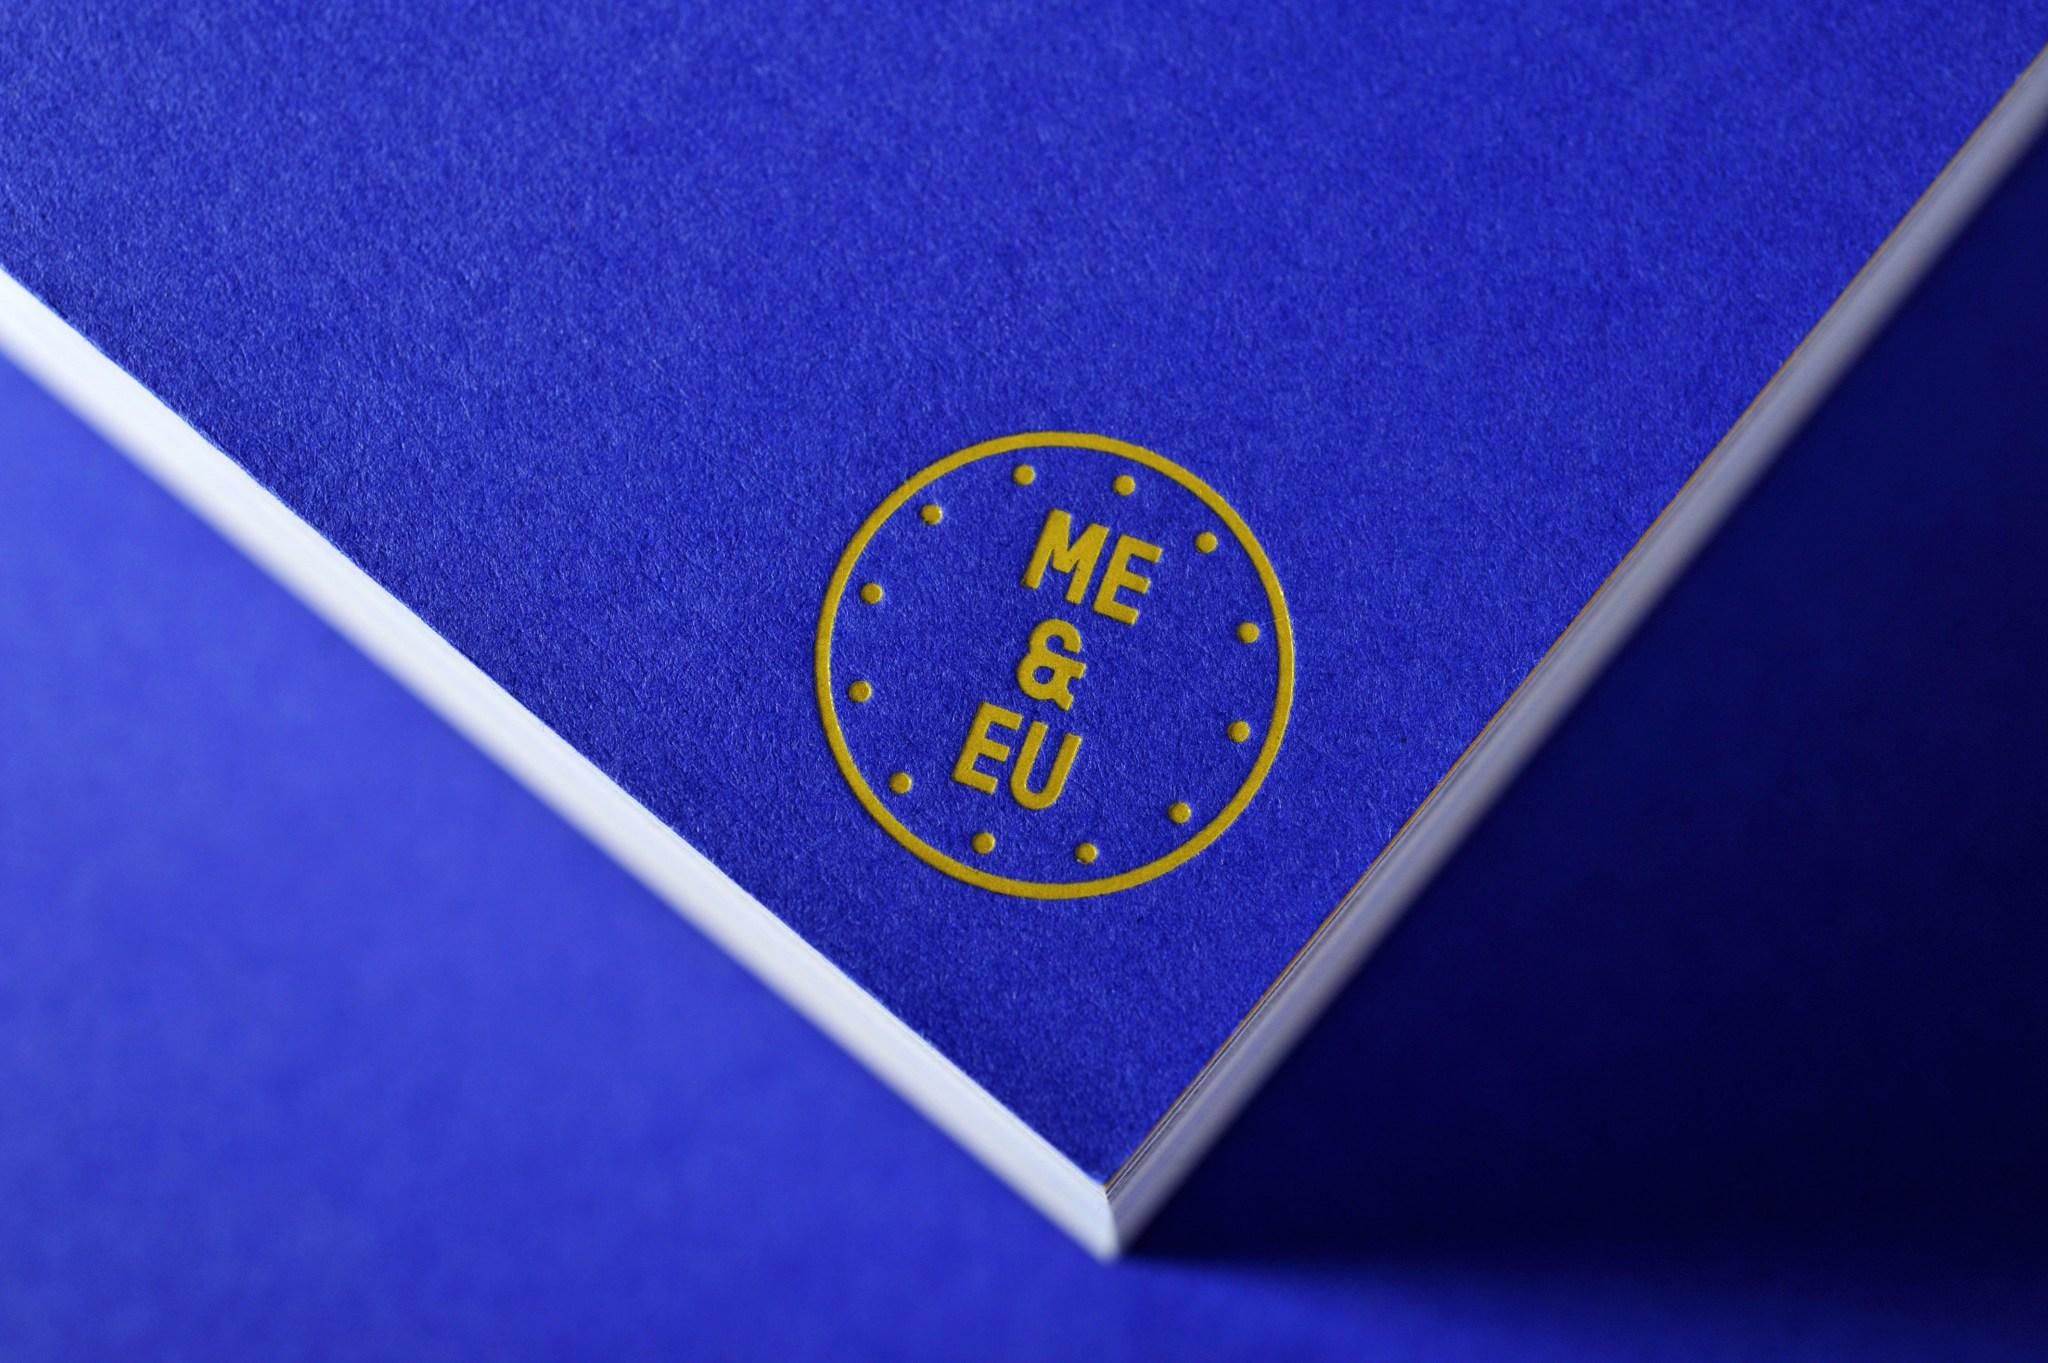 ME & EU foiled Logo